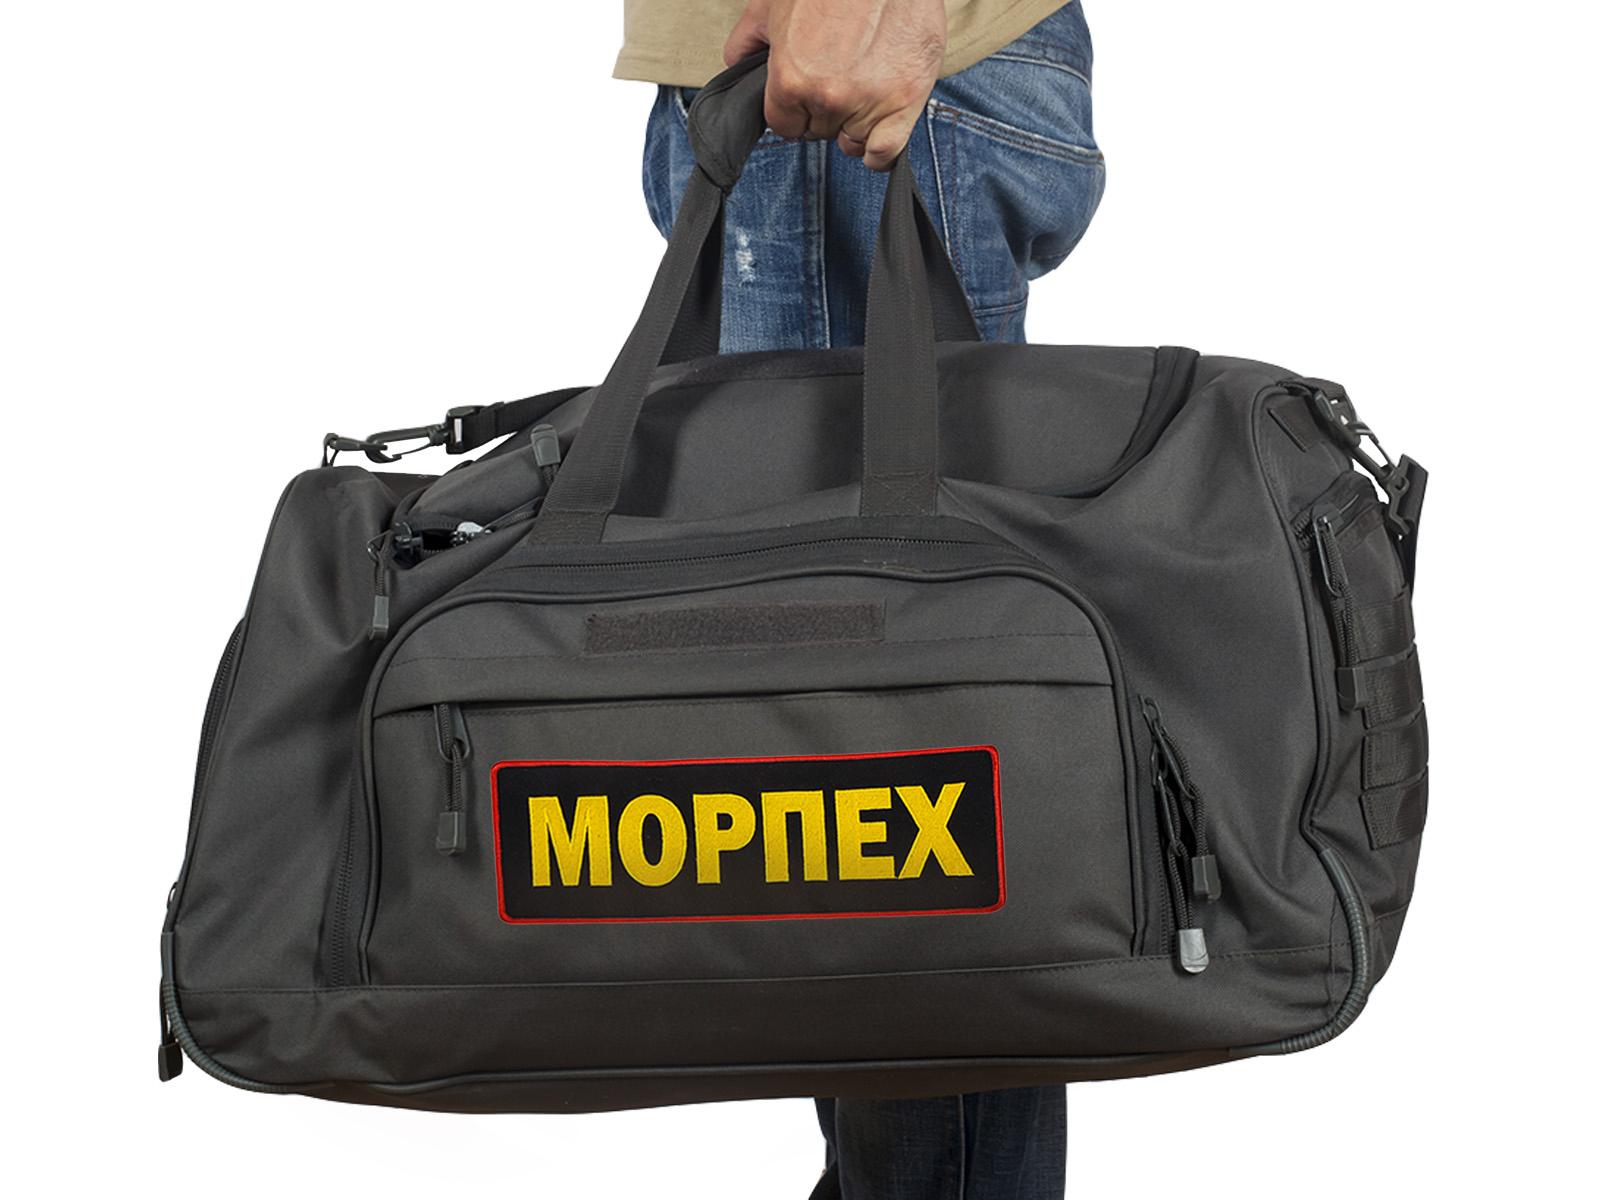 Выбирайте сумки и рюкзаки Морпехов: недорогие, но качественные модели с быстрой доставкой